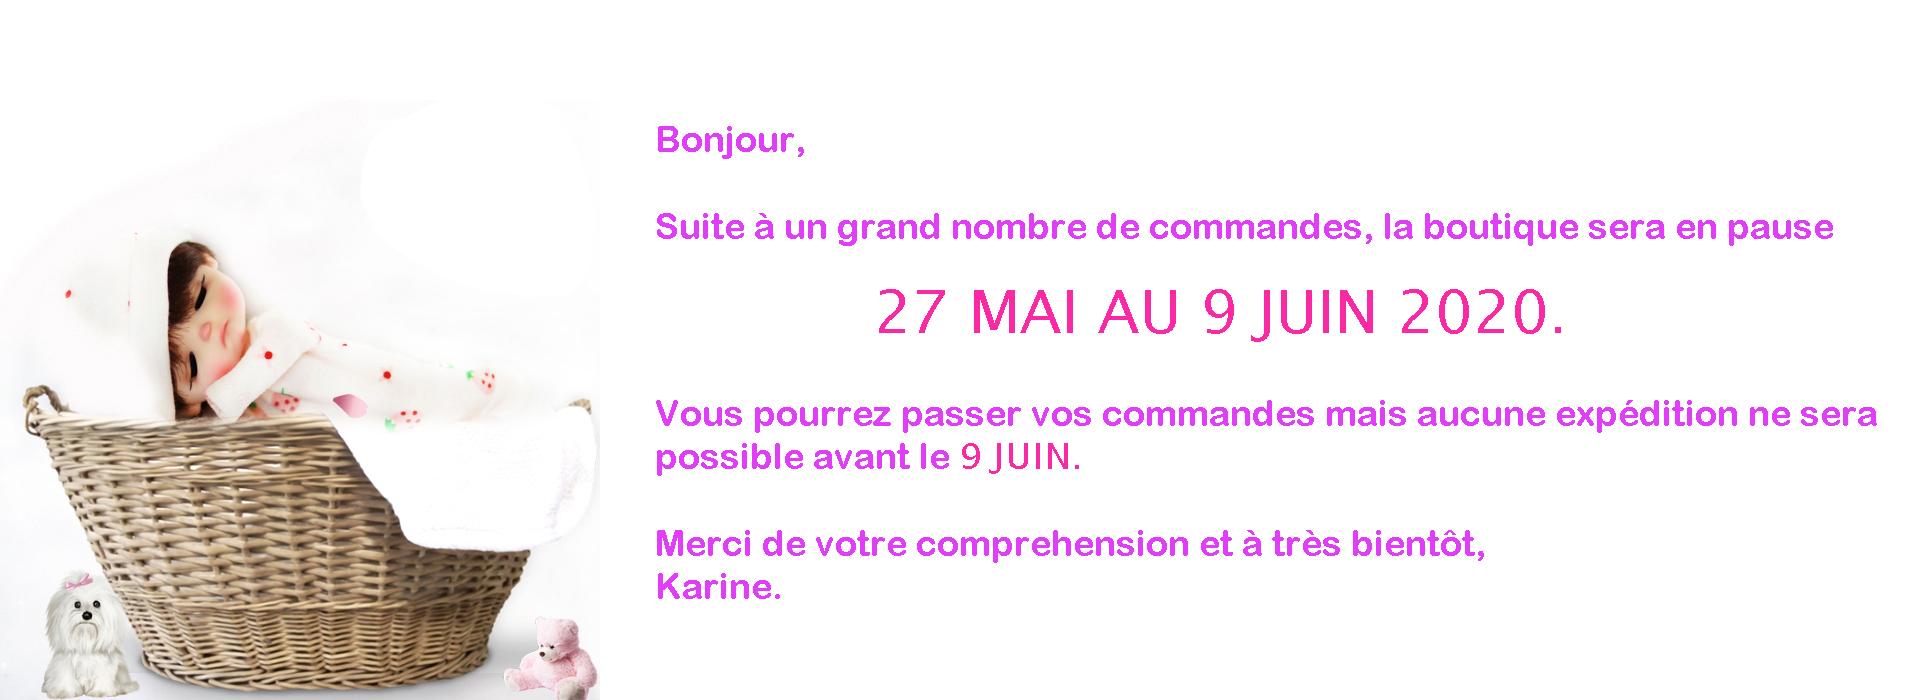 PAS D'EXPÉDITION DU 27 MAI AU 9 JUIN 2020